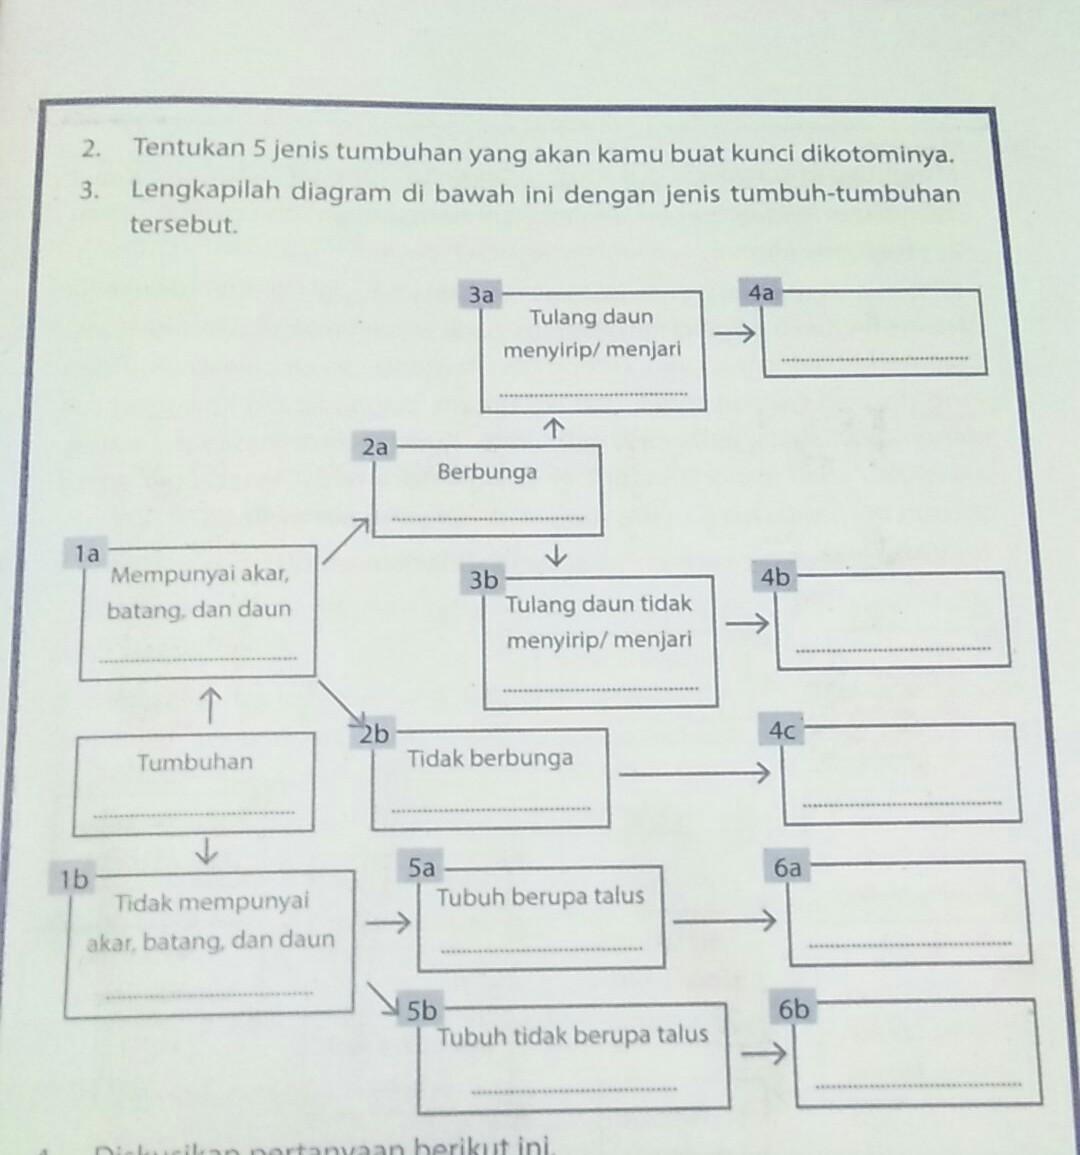 Lengkapilah Diagram Dibawah Inu Dengan Jenis Tumbuh Tumbuhan Tersebut Brainly Co Id